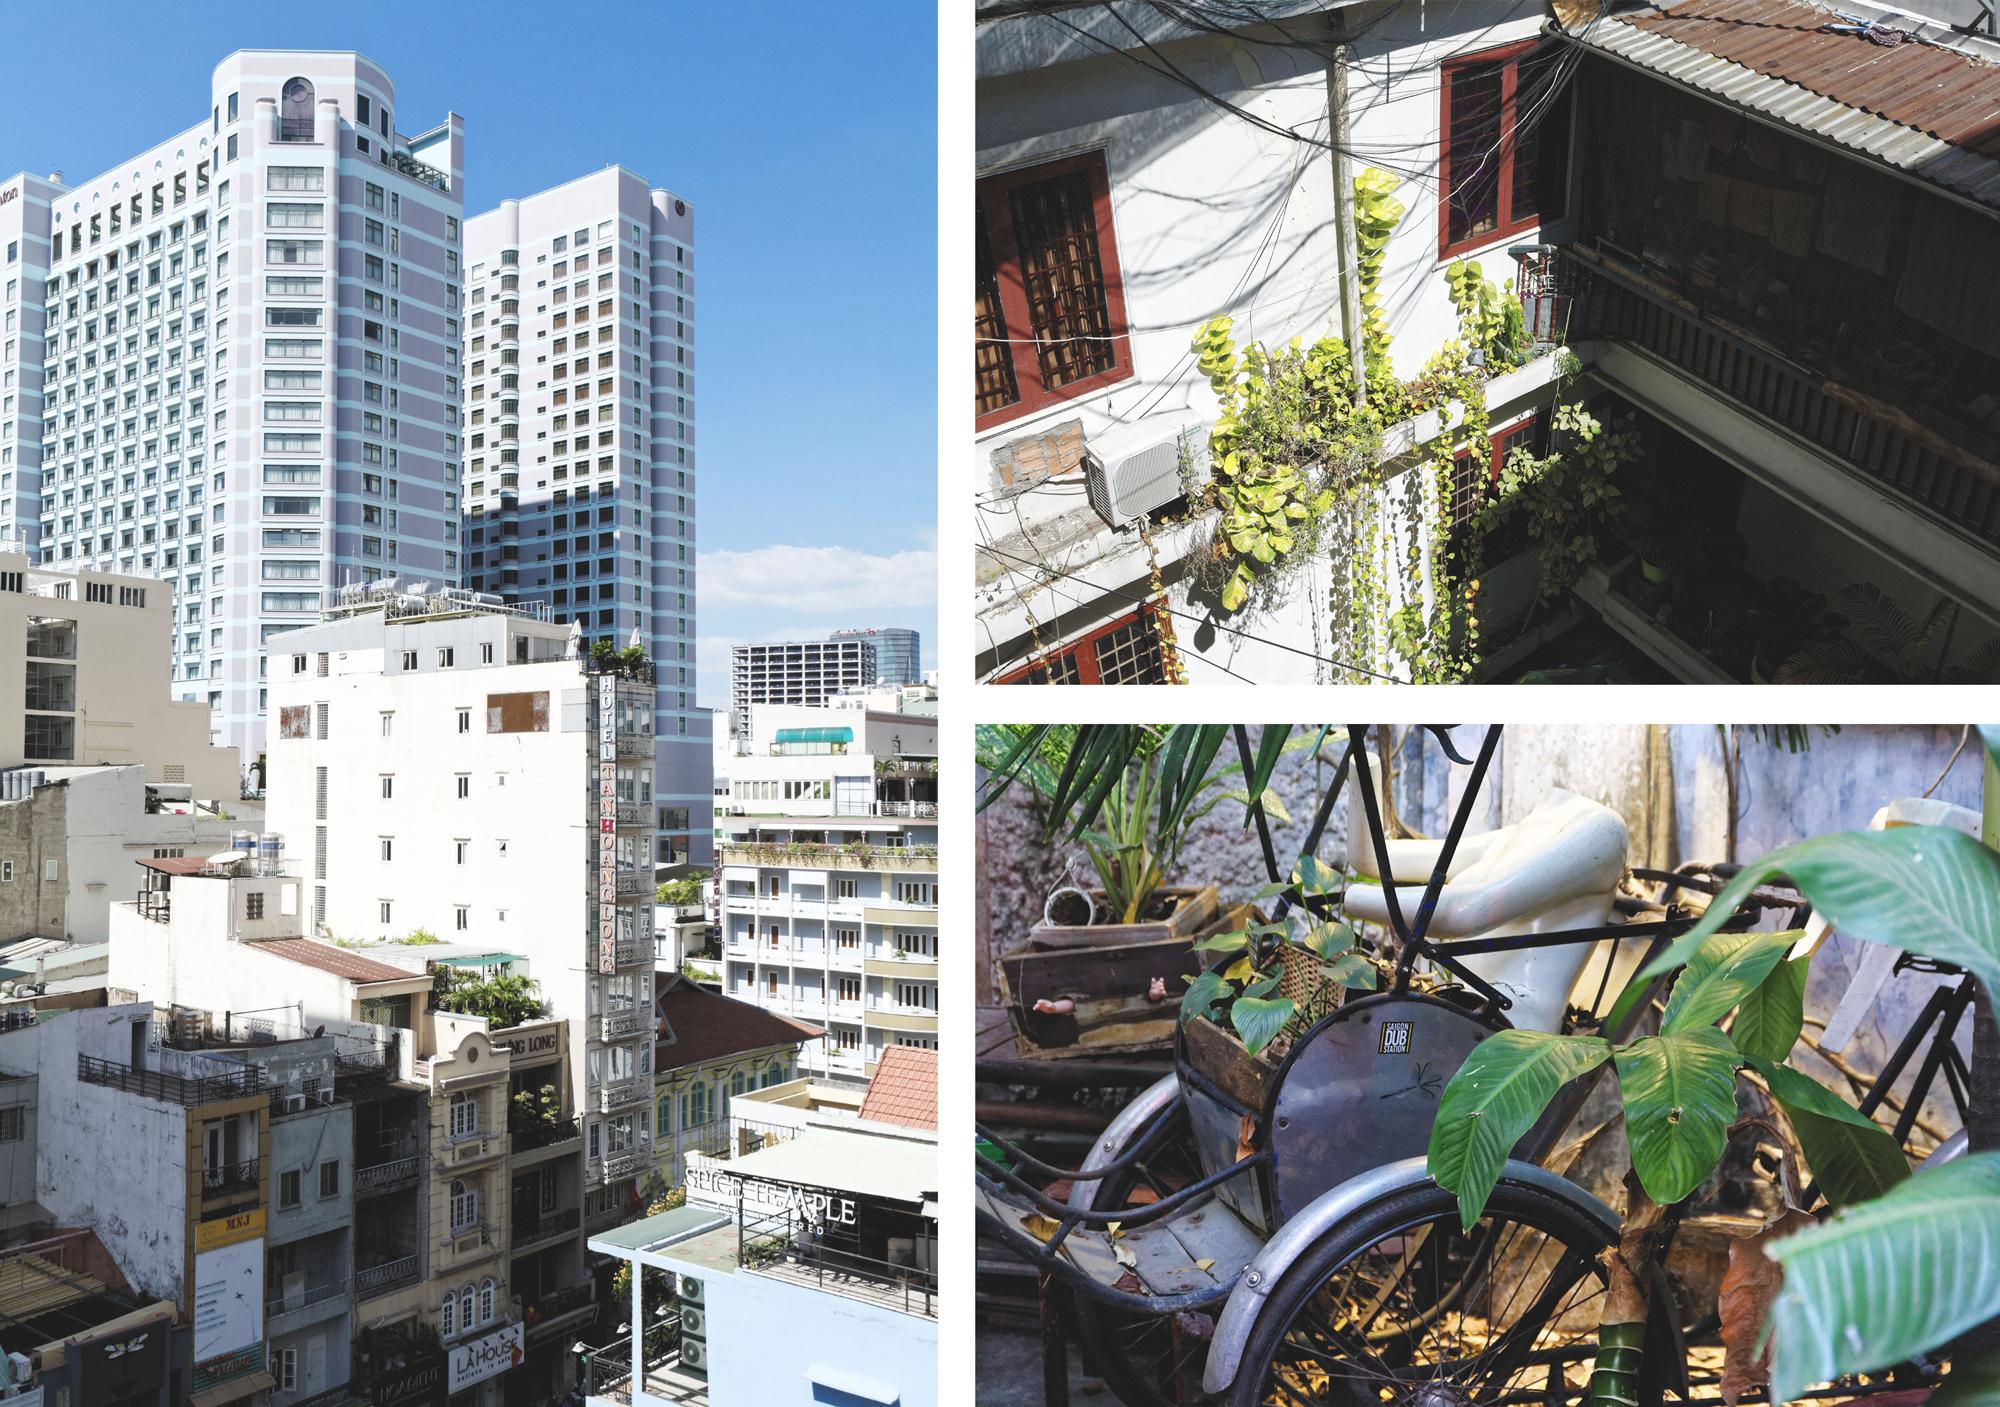 Détails urbains Hô Chi Minh Ville Saigon